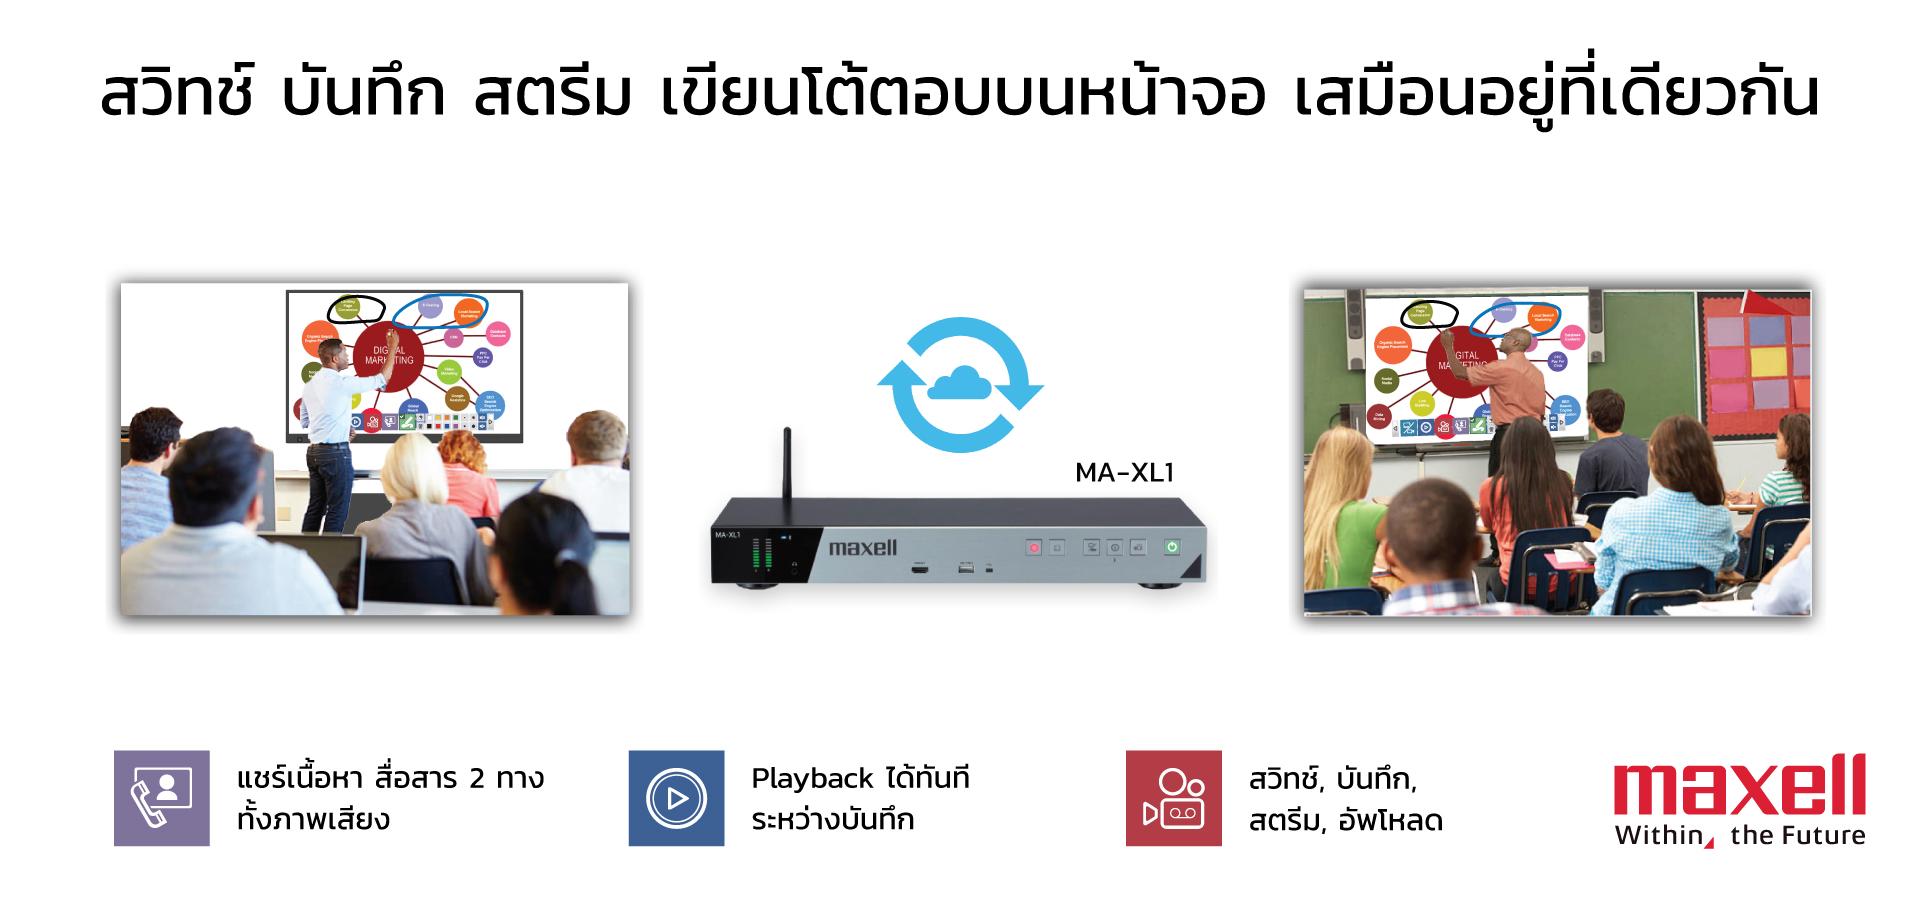 maxl1-md2.jpg